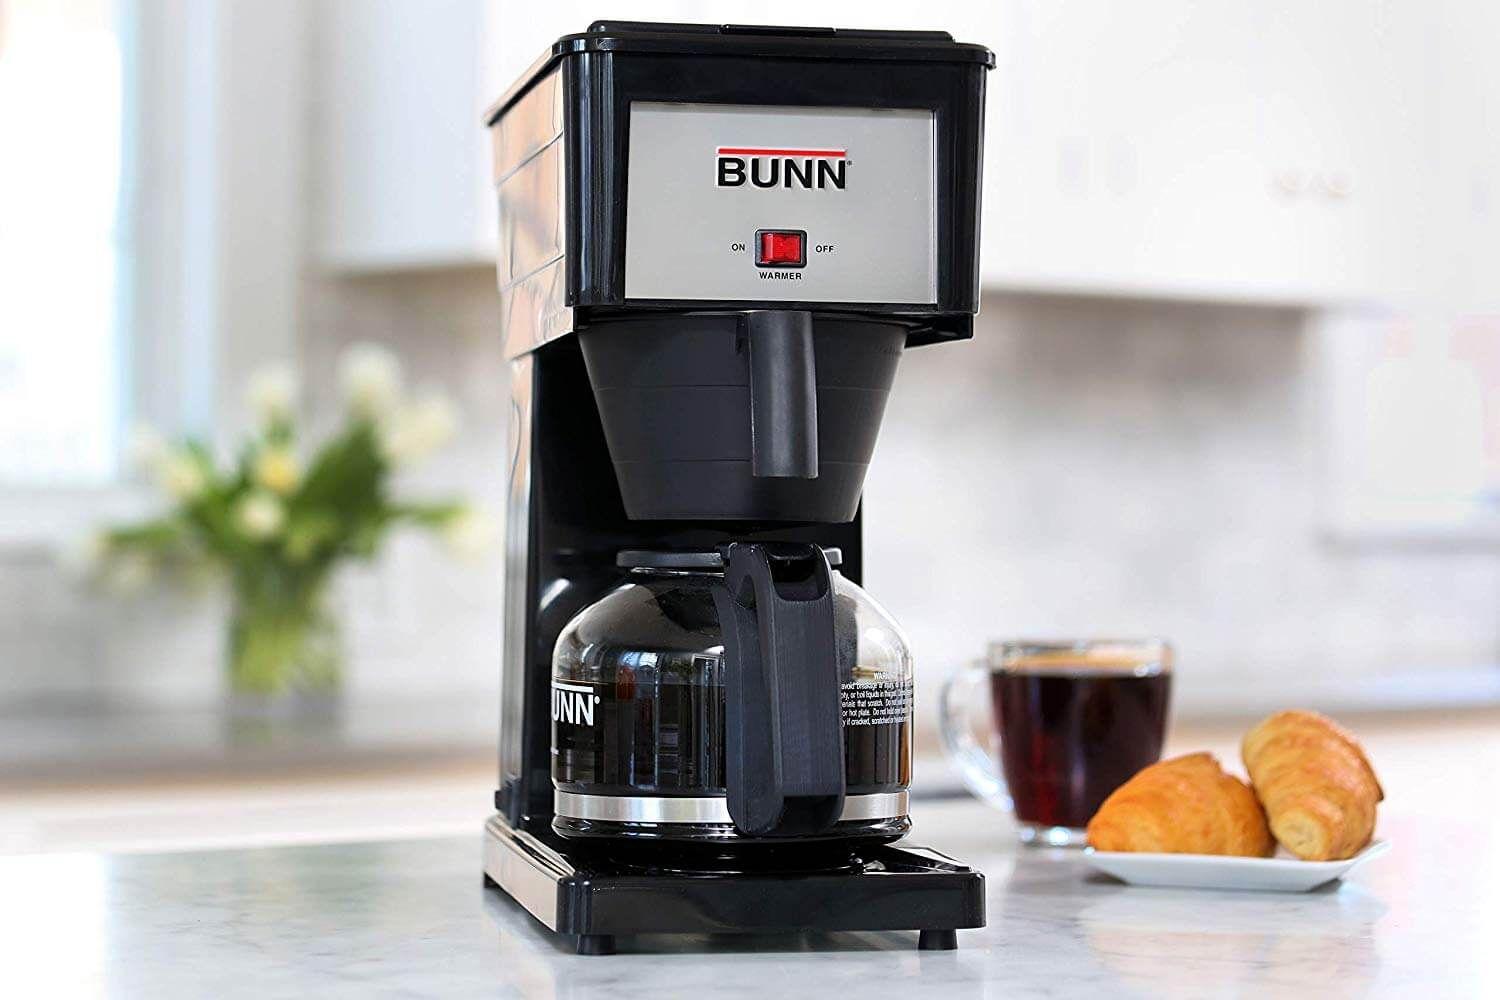 Top 5 Best Bunn Coffee Maker Reviews Of 2020 Bunn Coffee Maker